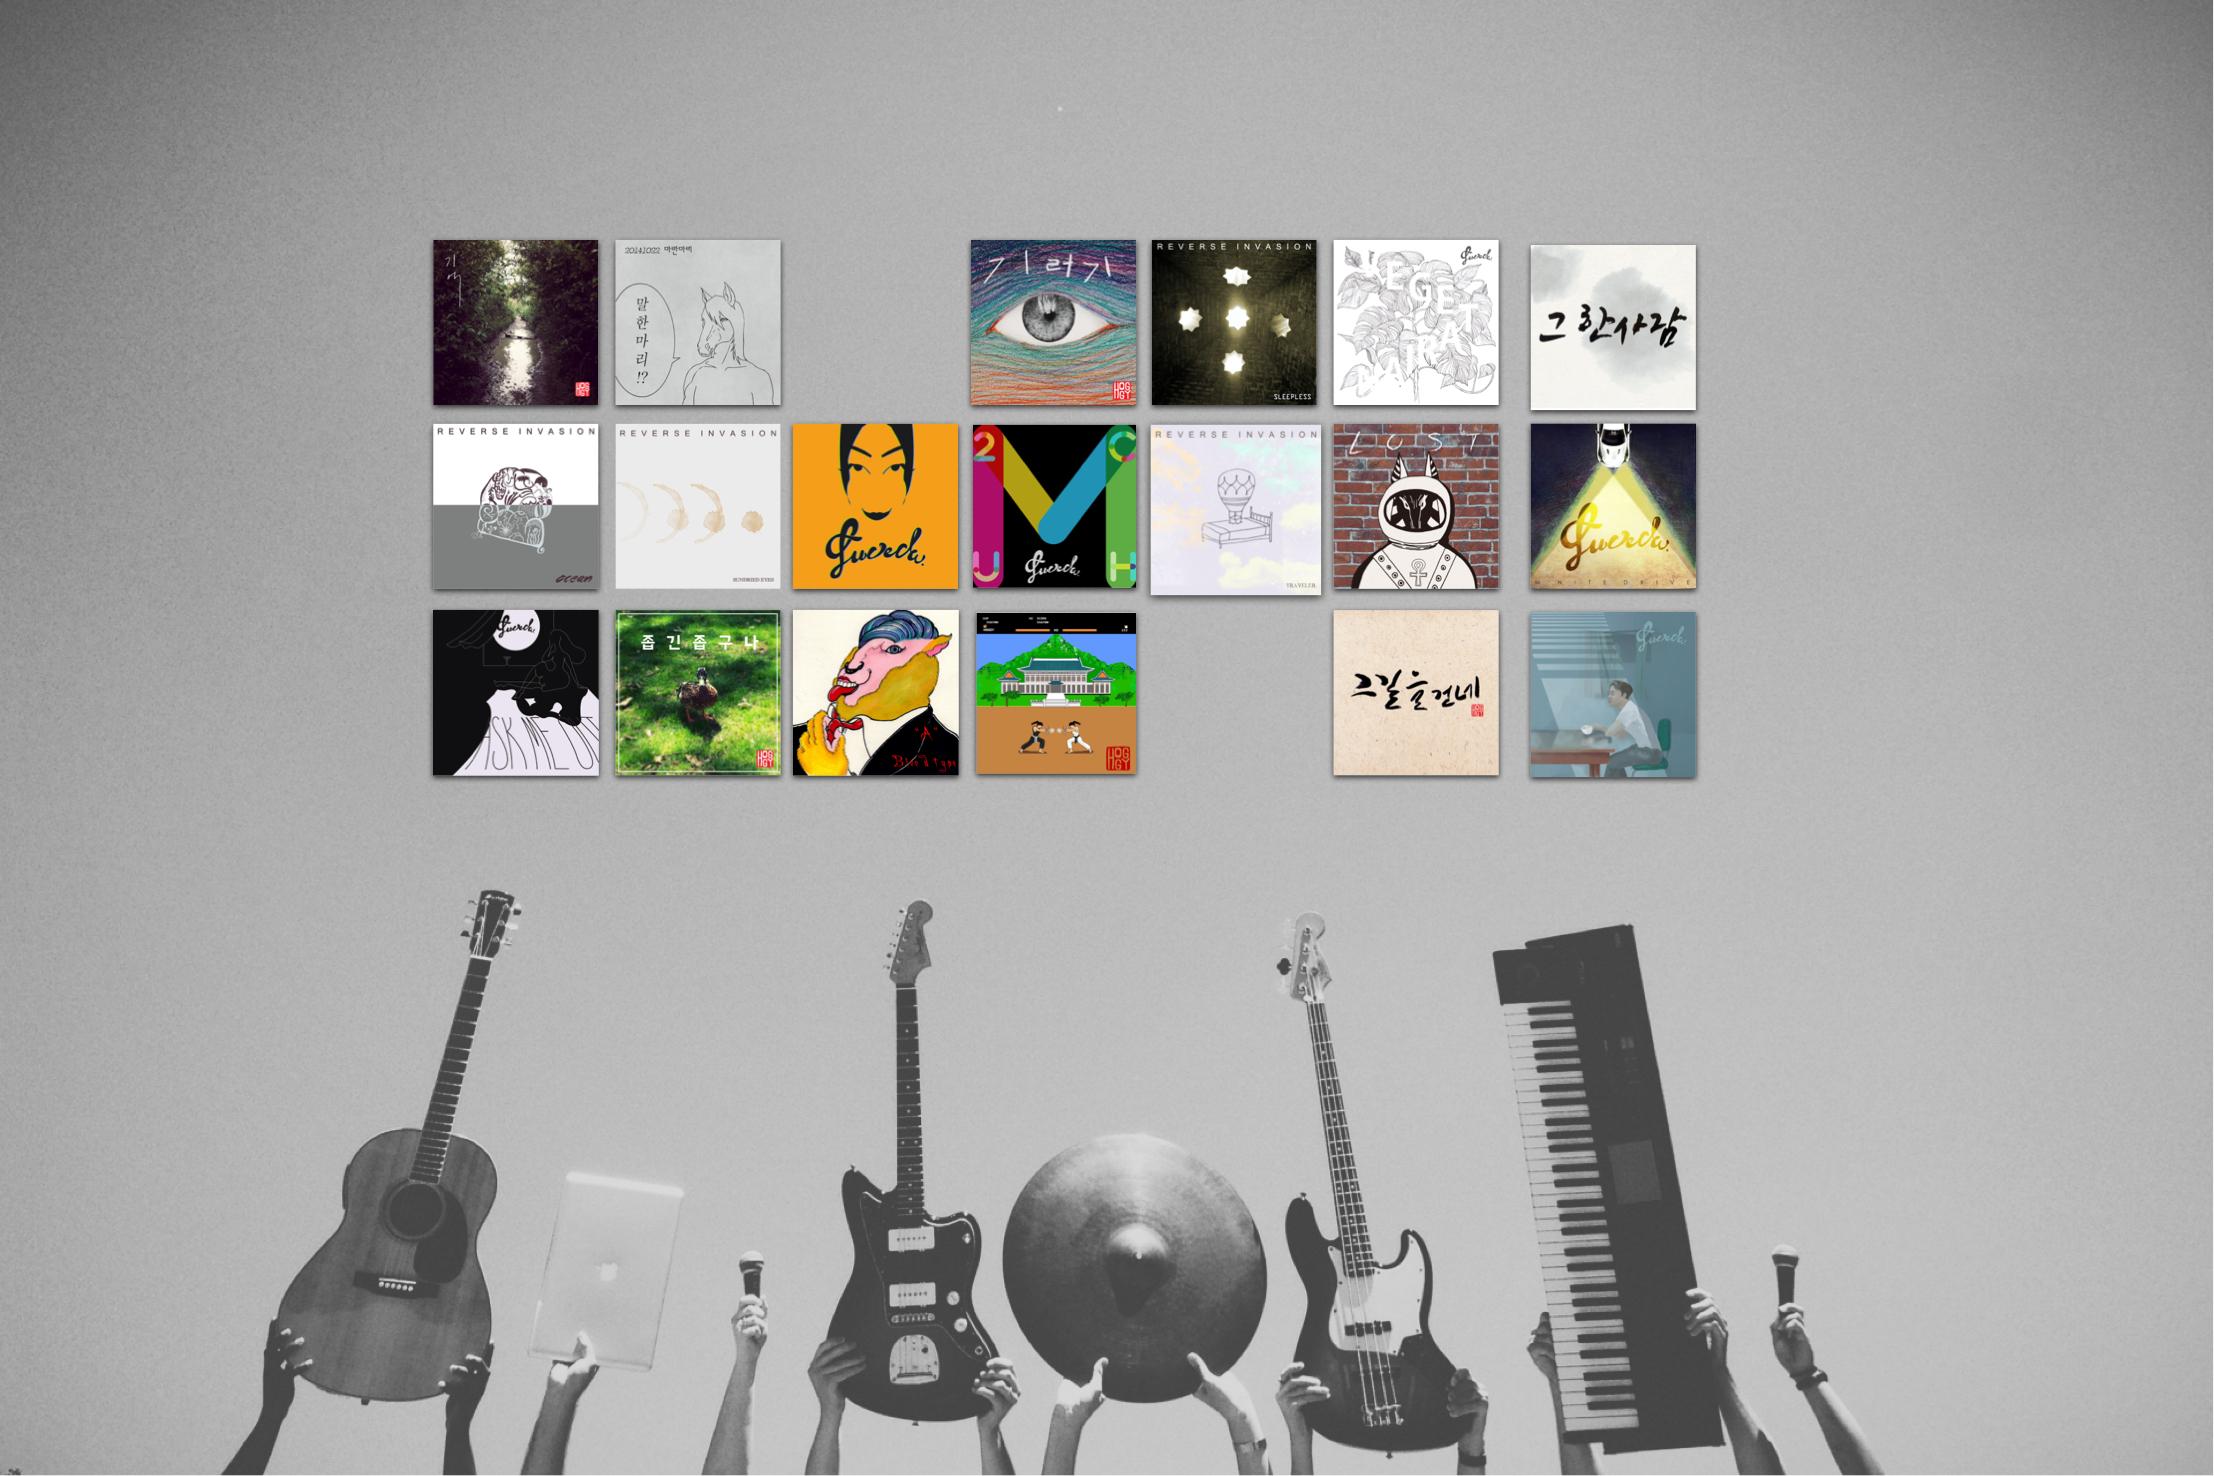 Album titles